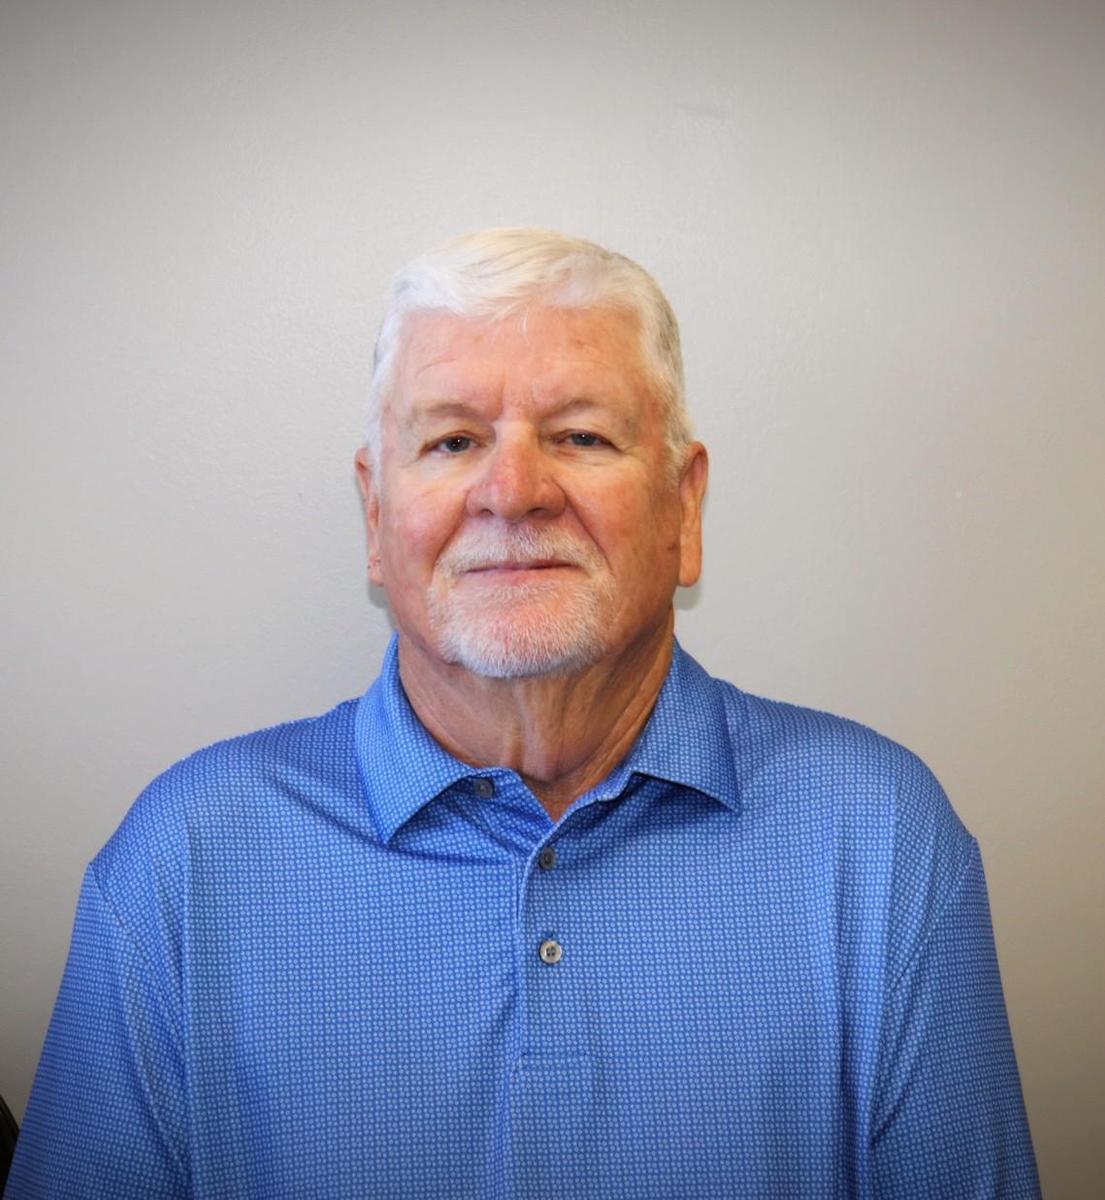 photo of mr davis